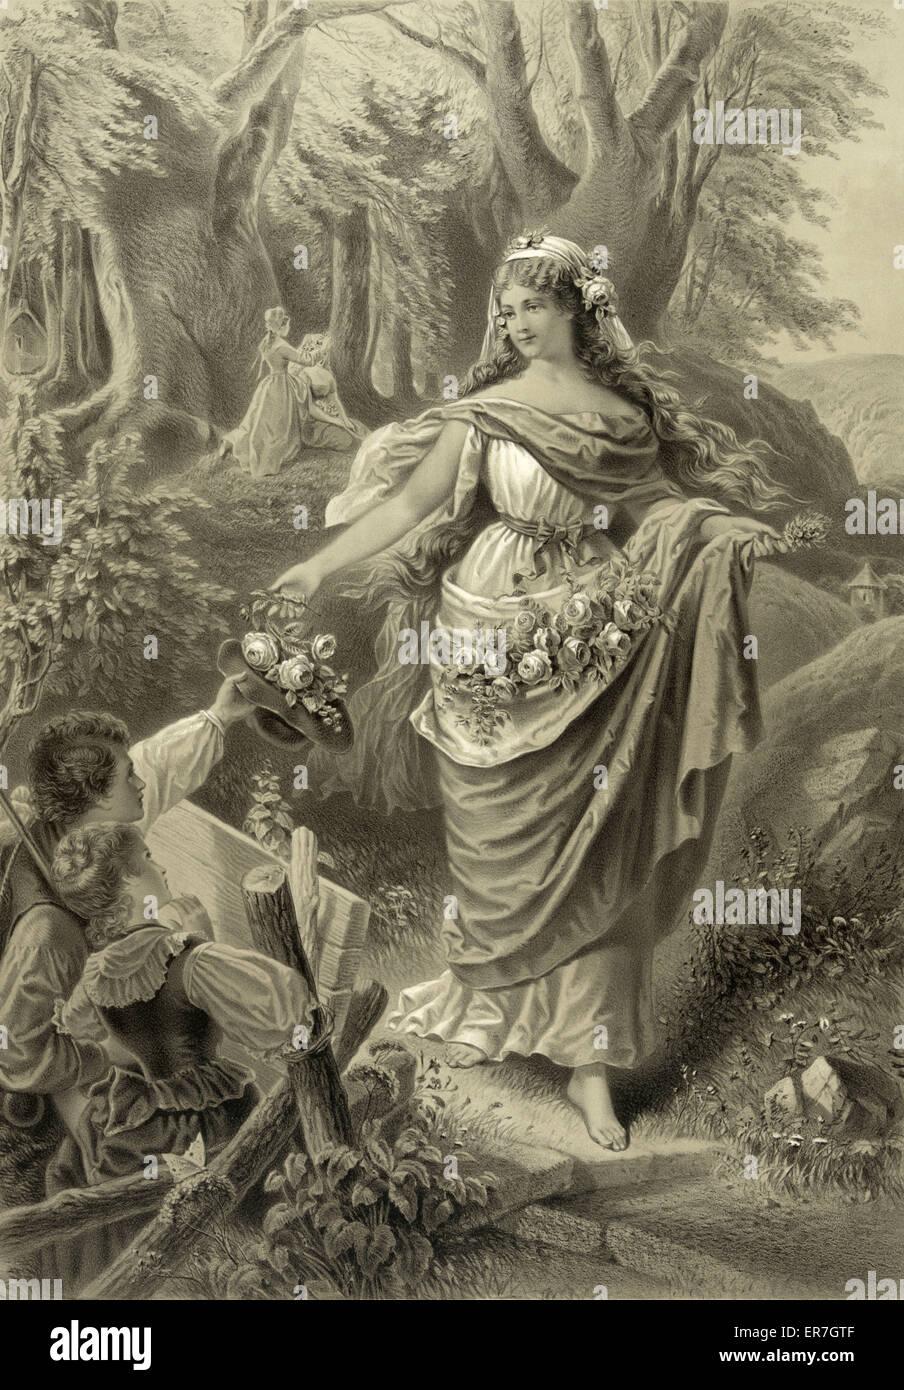 Das madchen aus der fremde. Date c1879. - Stock Image